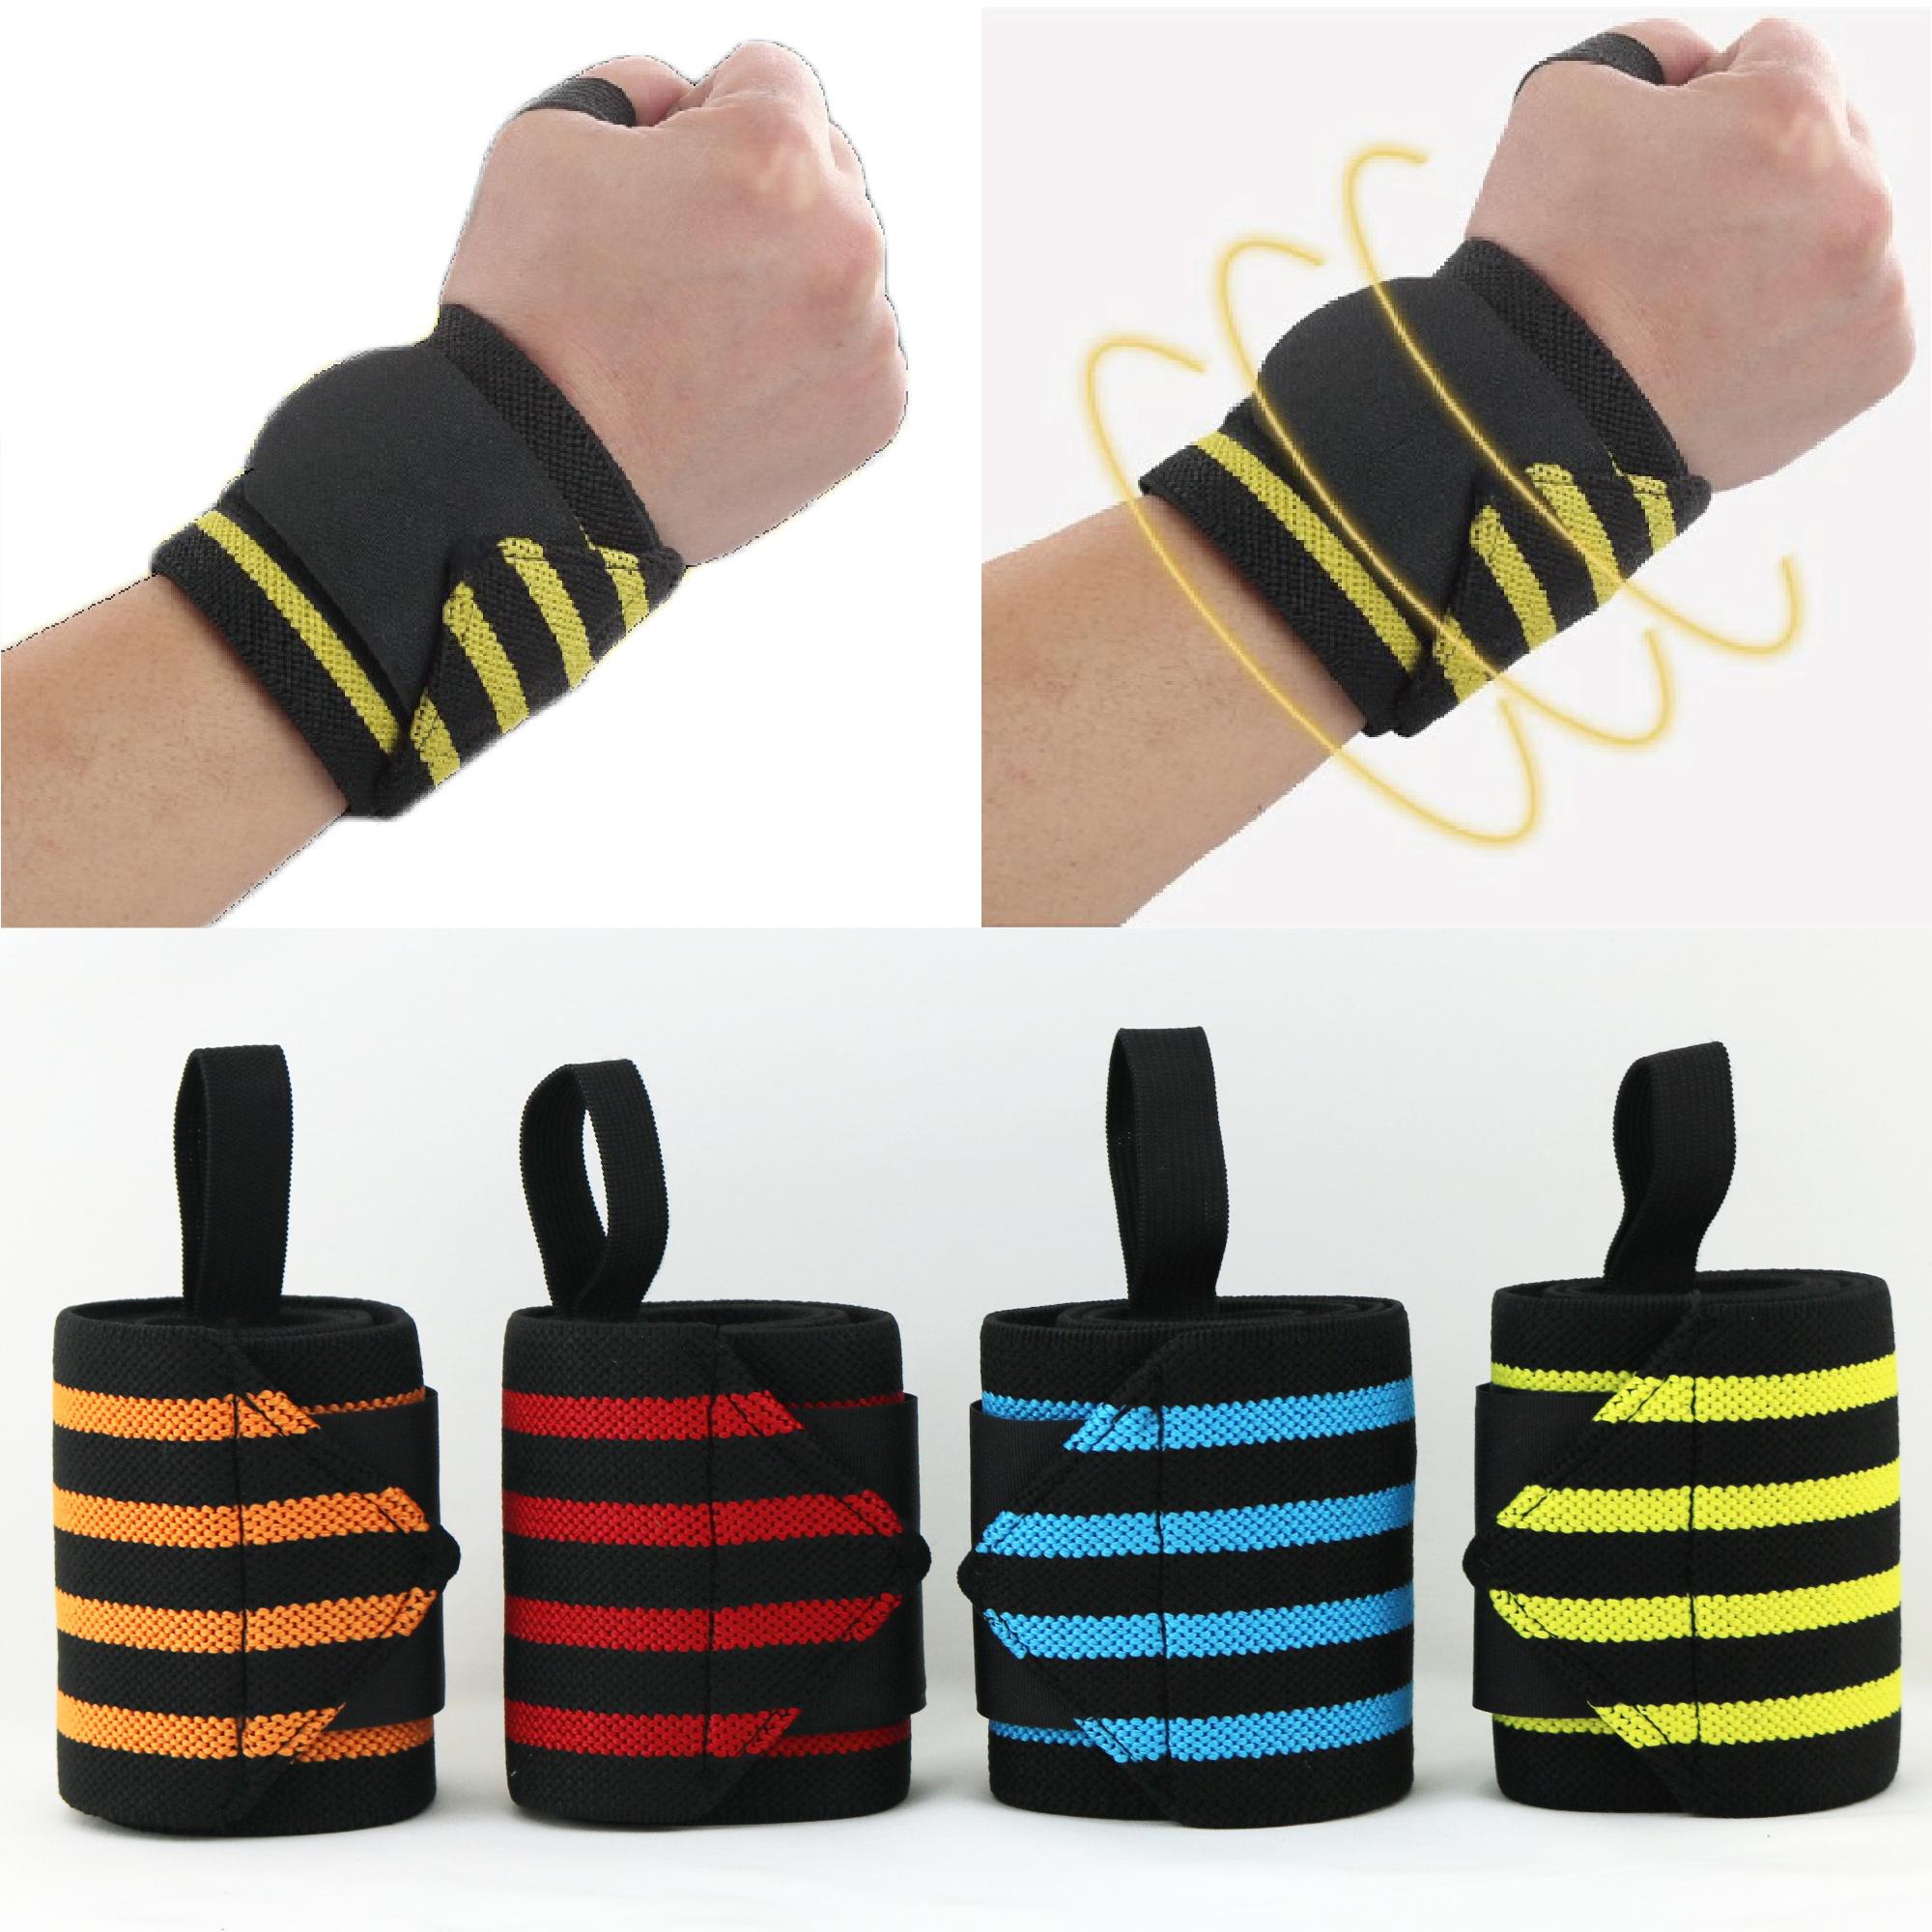 【珍昕】纏繞加壓綁帶護腕~4色可選(約8*30cm)舉重護手腕/運動護腕 (1雙2入)